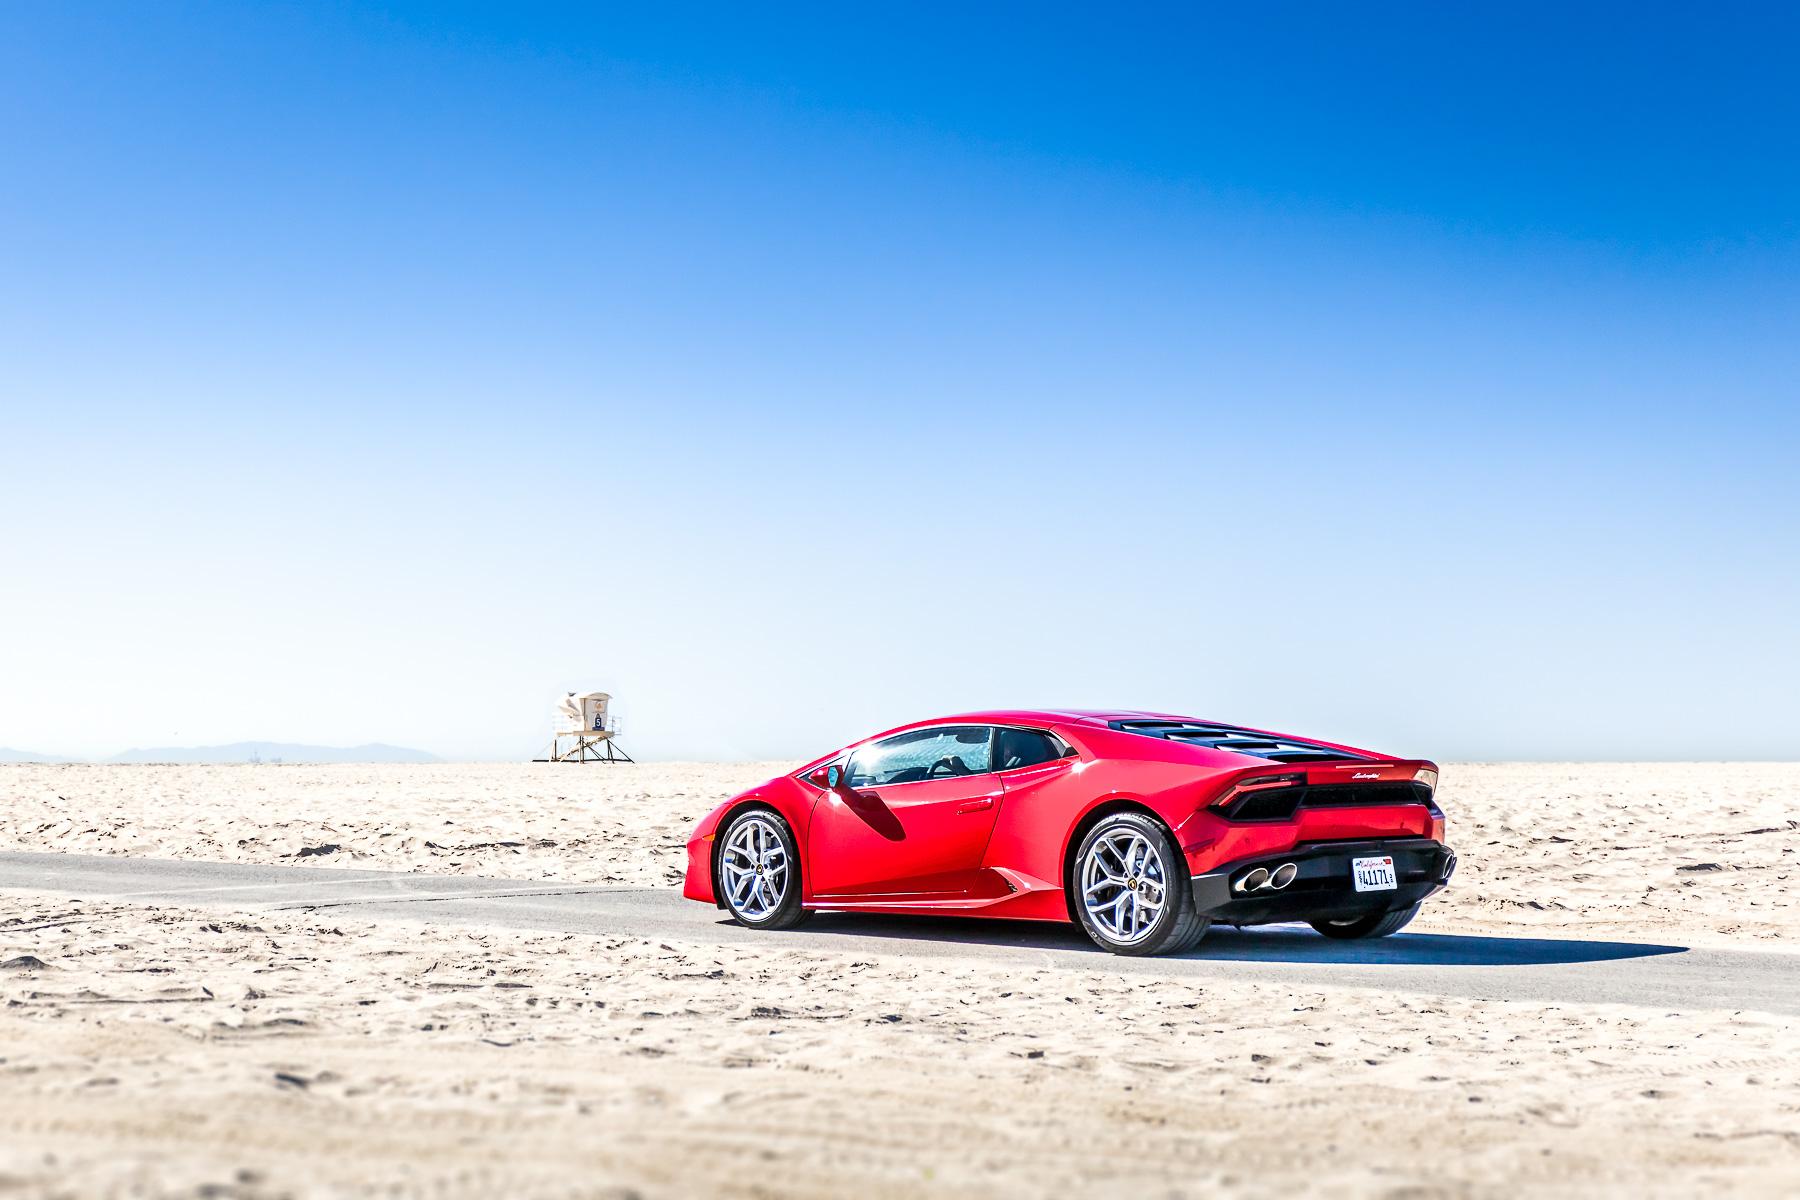 Lamborghini Huracan, SoCal